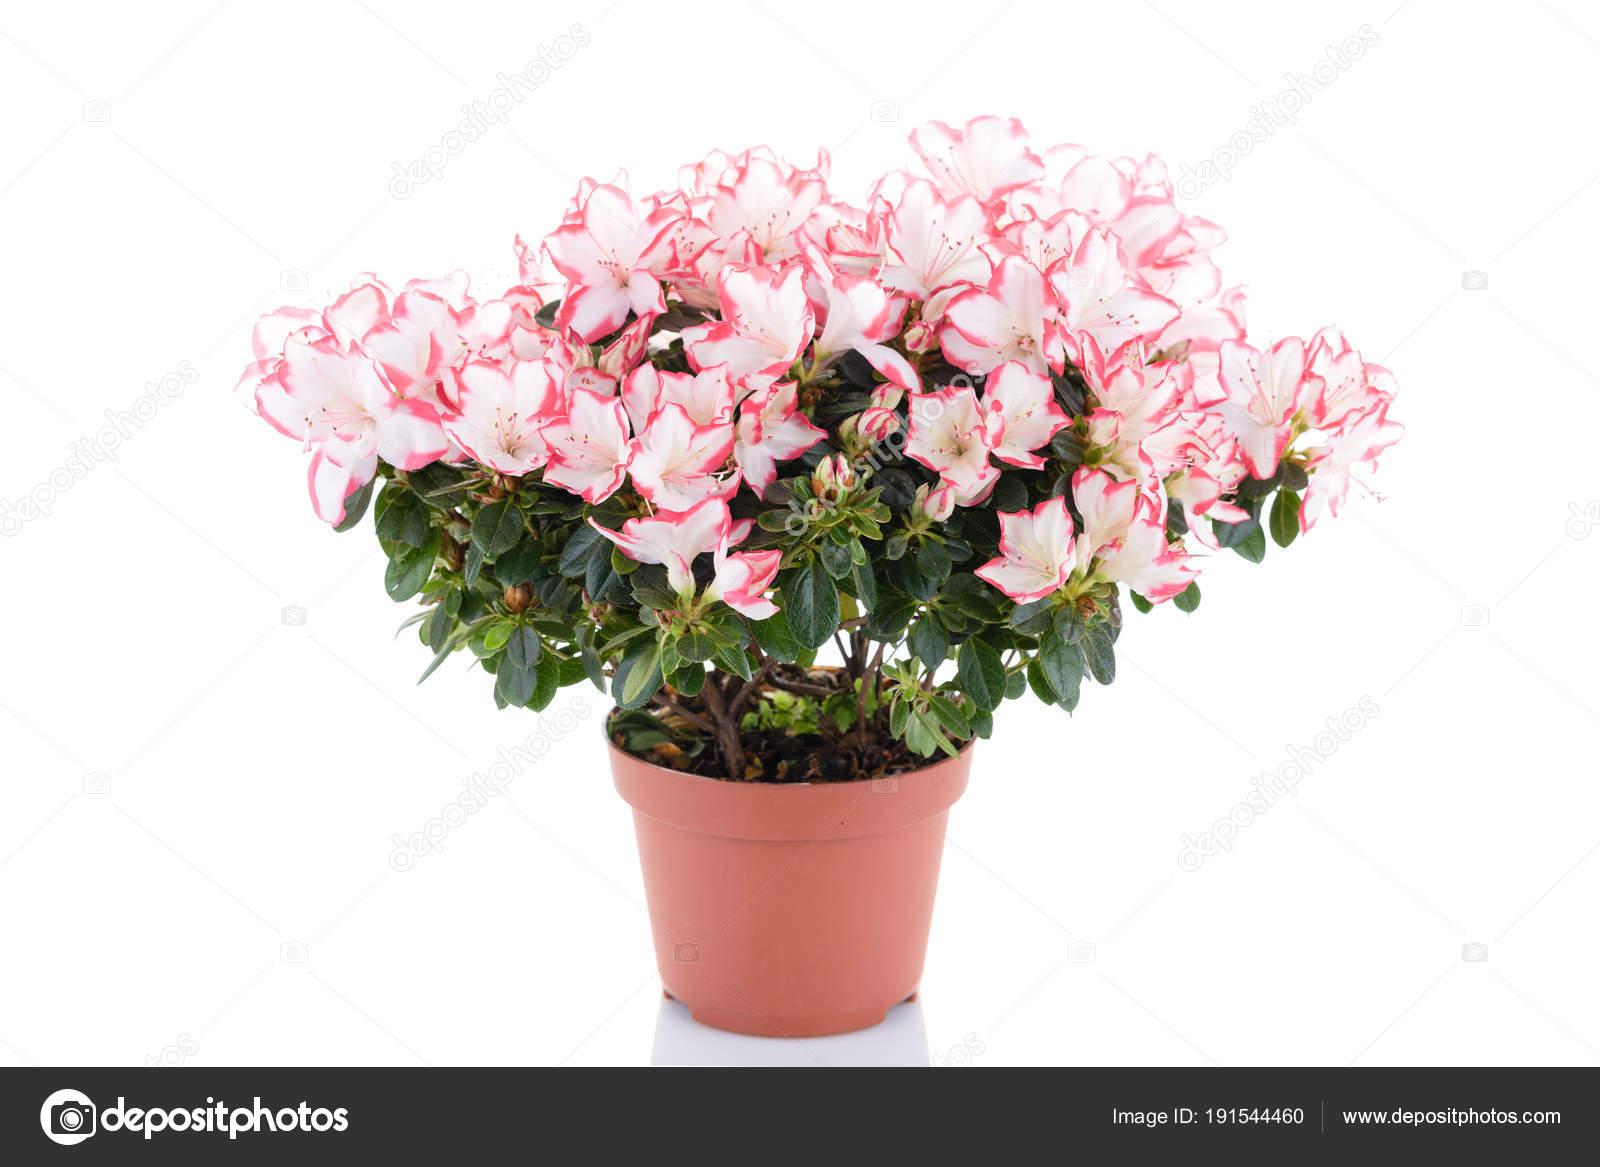 Vegetazione Rigogliosa Fioritura Dellu0027azalea In Vaso Di Fiore Isolato Su  Priorità Bassa Bianca. Rododendro Rosa E Bianco. Negozio Di Fiori E Cura  Per ...